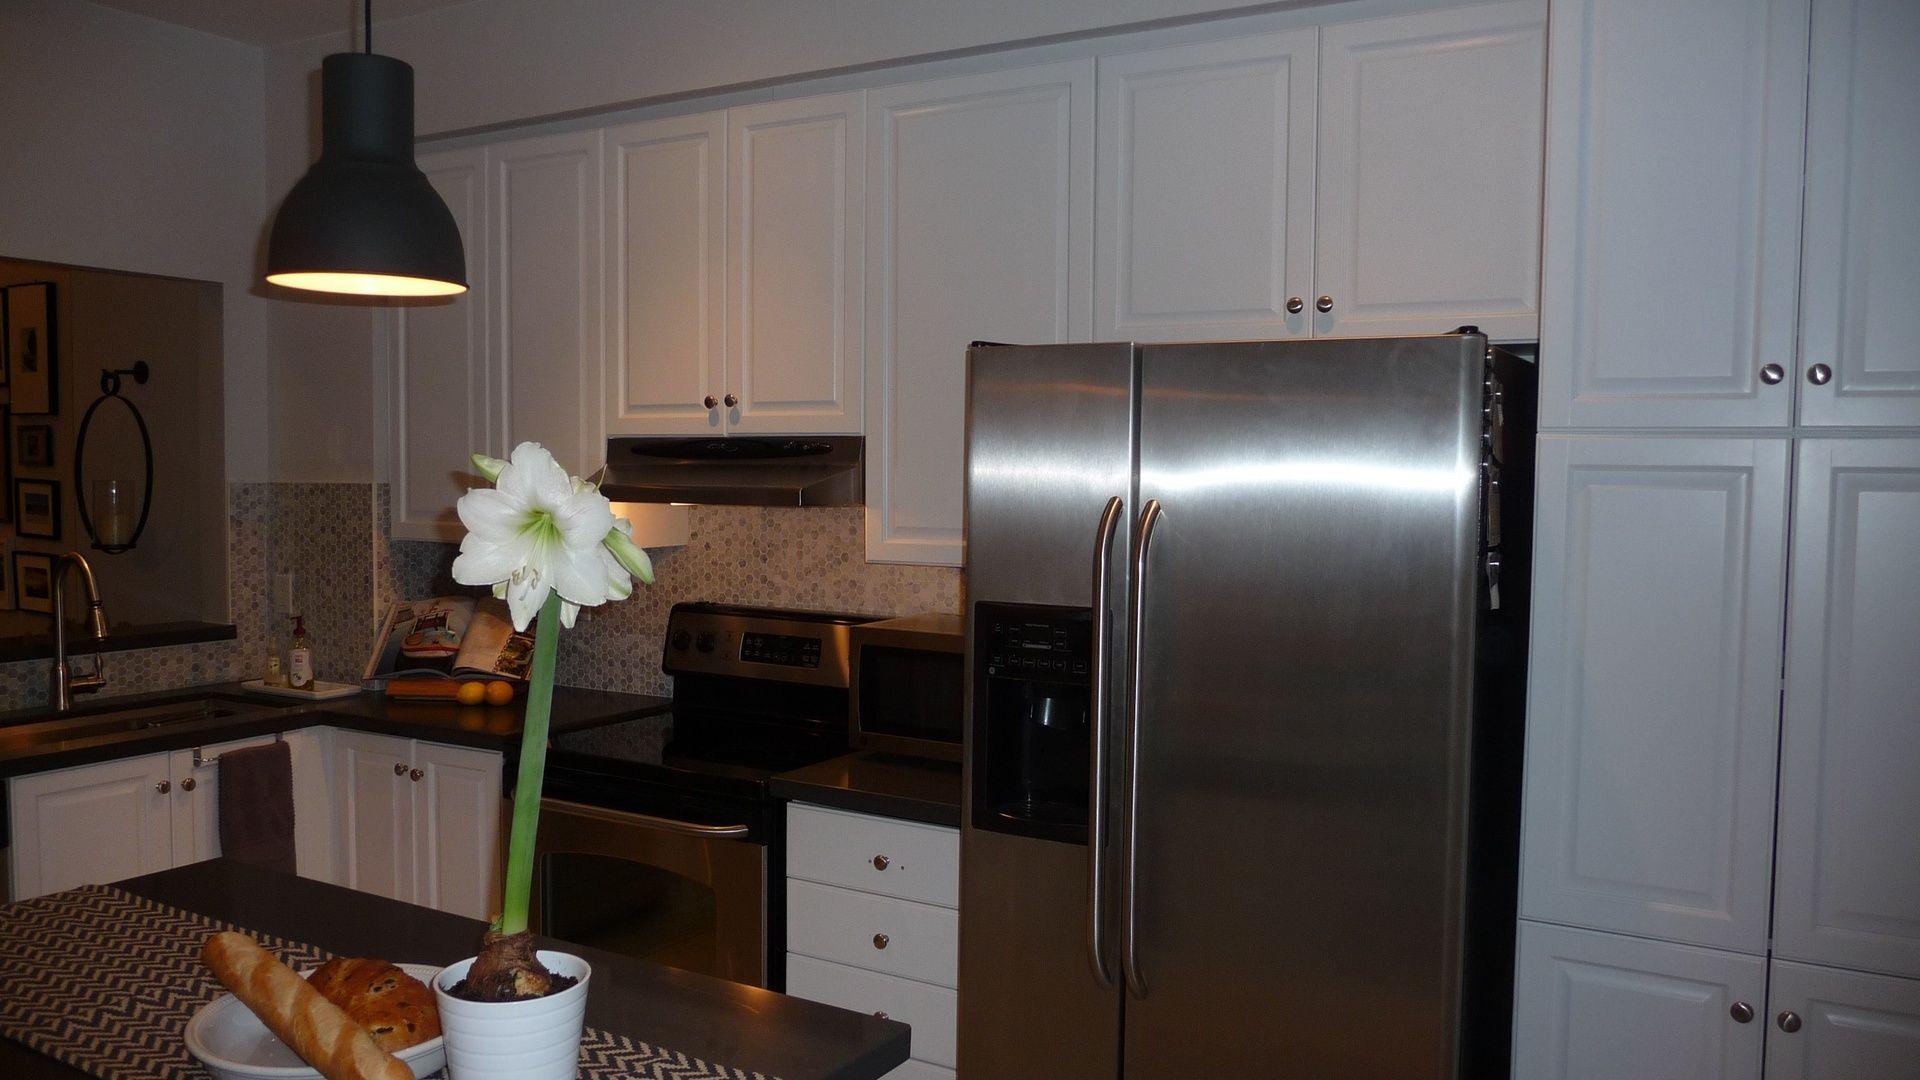 Kitchen Cabinet Spray Painters Kitchen Cabinet Painters New Kitchen Kitchen